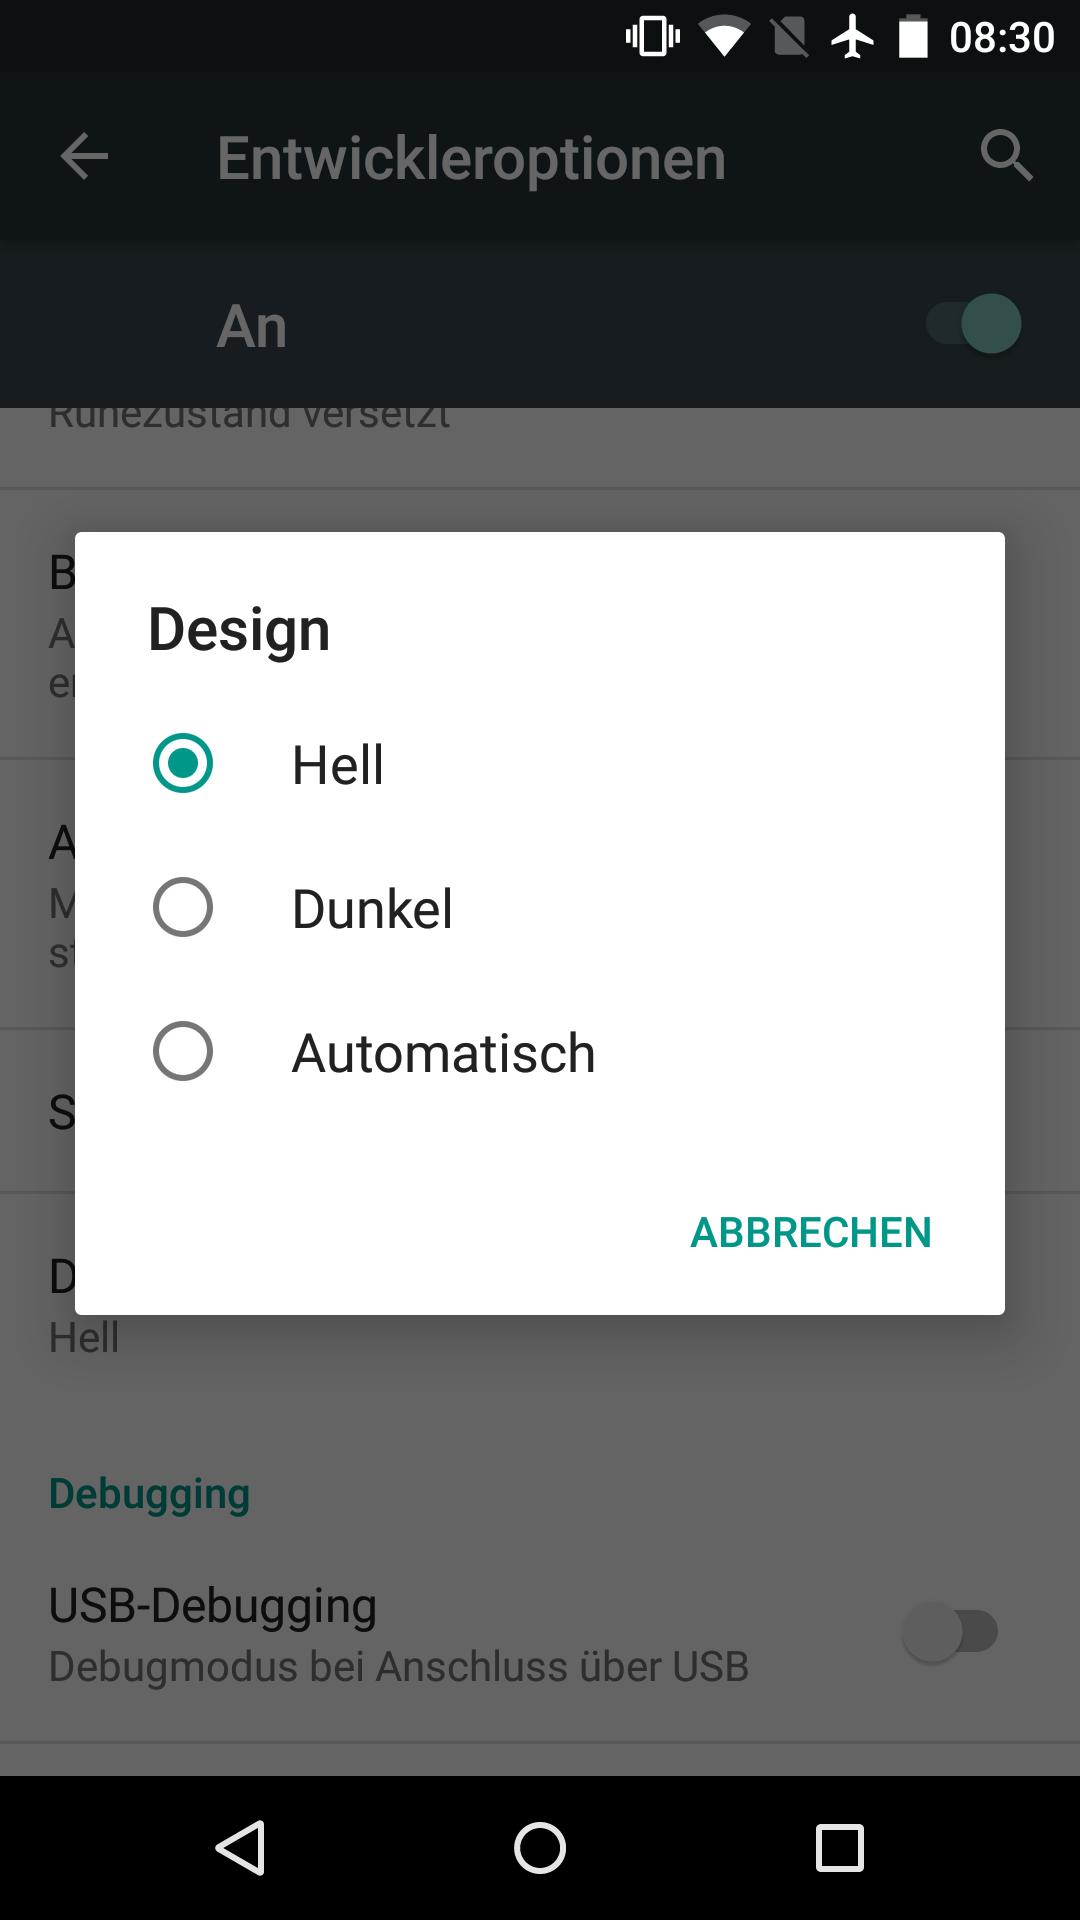 Android 6.0: Doch kein Marshmallow für erstes Nexus 7 - So sah die Themes-Einstellung in der ersten Preview von Android M aus. (Screenshot: Golem.de)